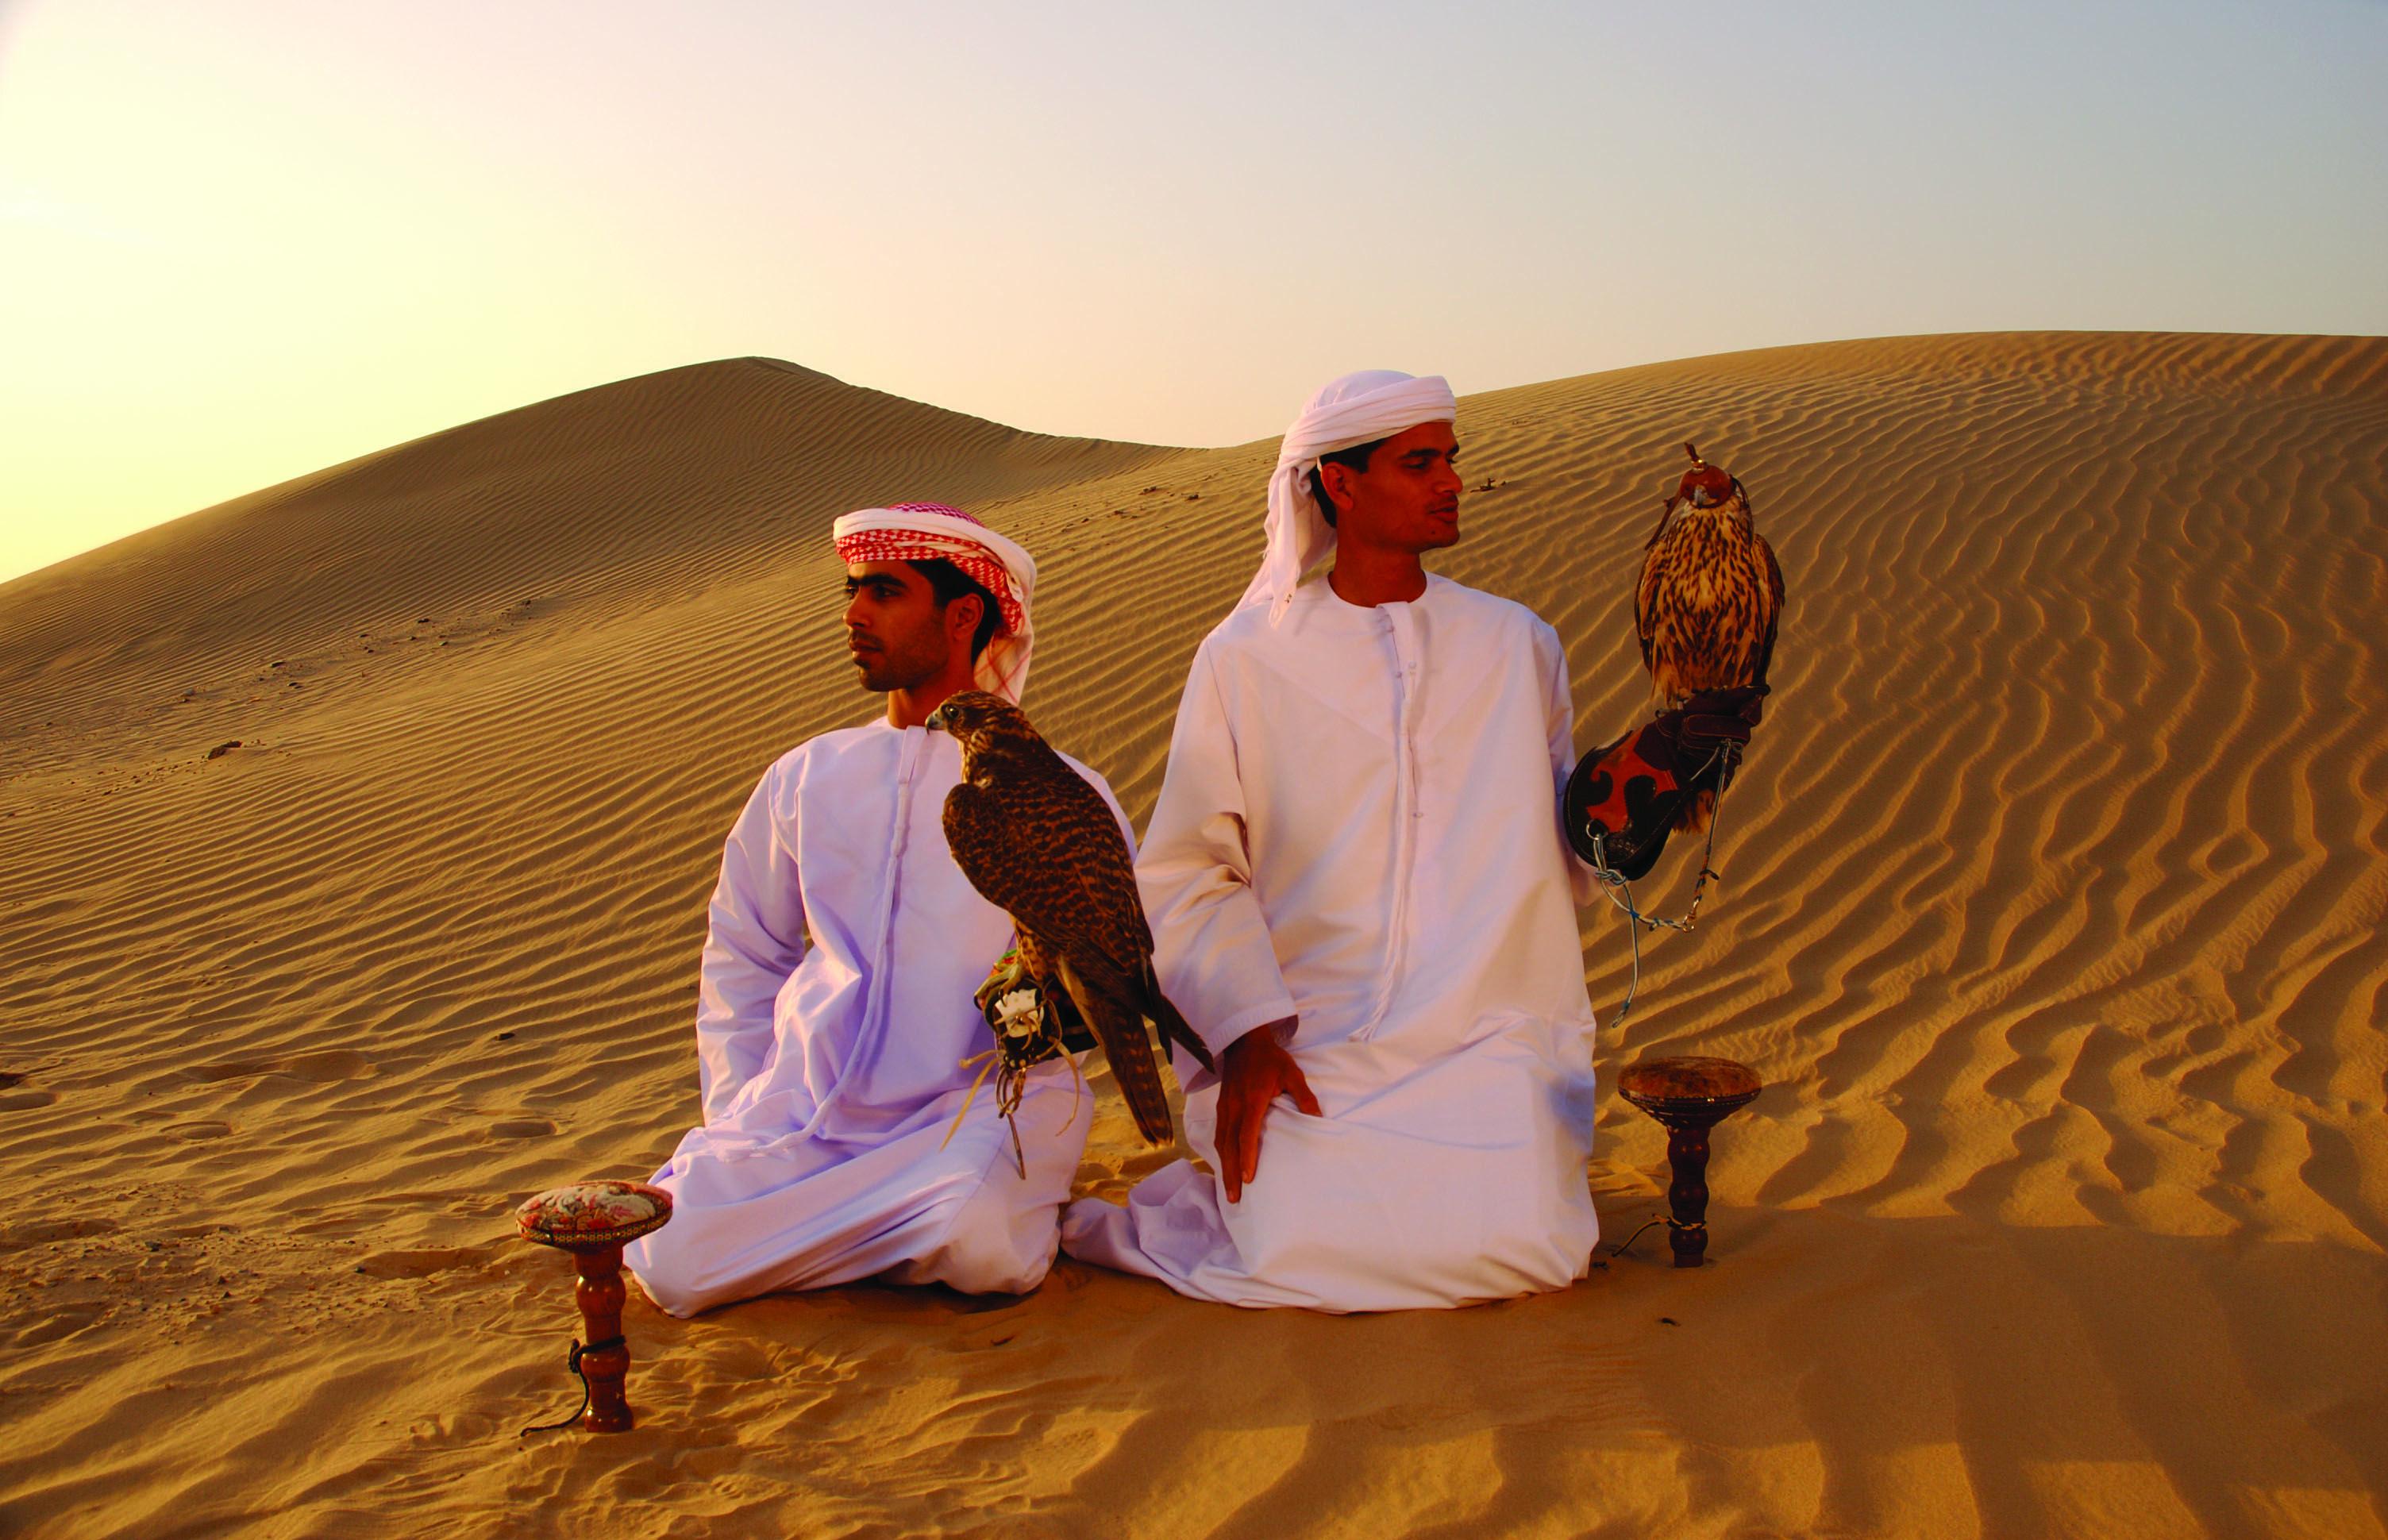 Falcons in the desert